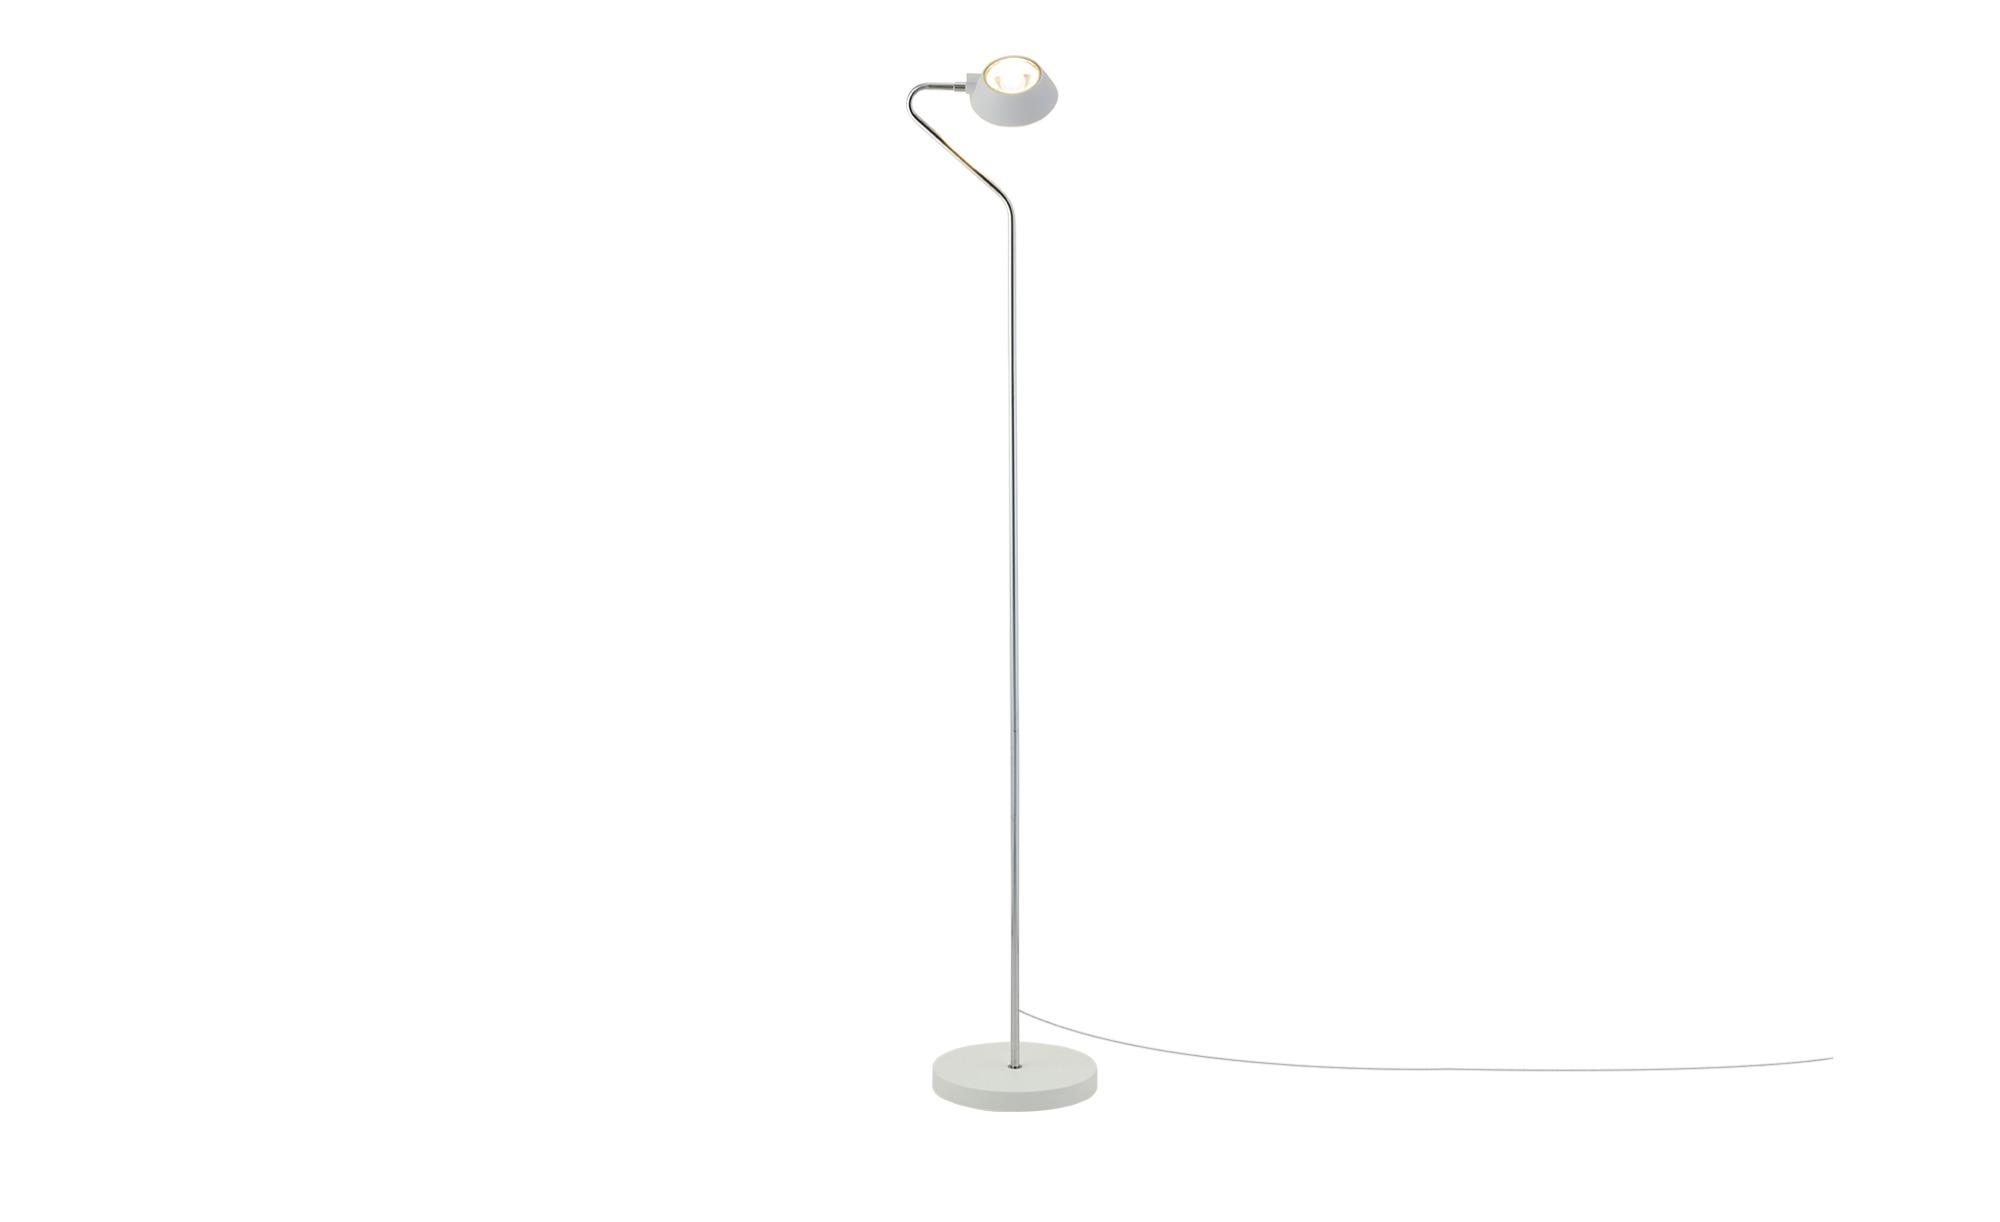 LED-Stehleuchte, 1-flammig ¦ weiß ¦ Maße (cm): H: 141,5 Ø: [22.6] Lampen & Leuchten > Innenleuchten > Stehlampen - Höffner